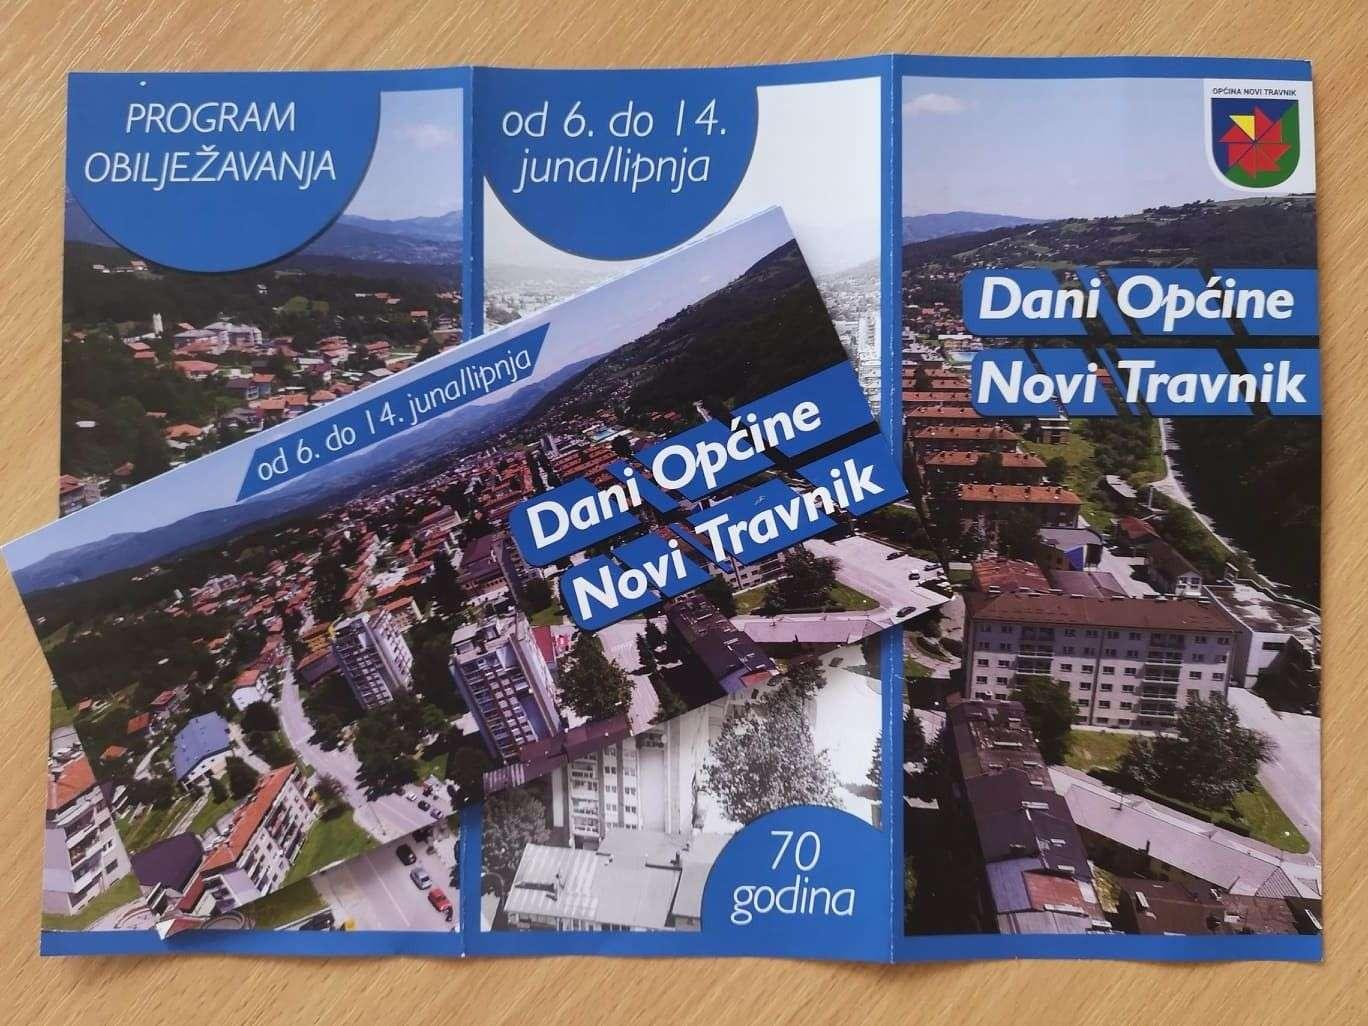 dani općine novi travnik 06.-14.06.2019.